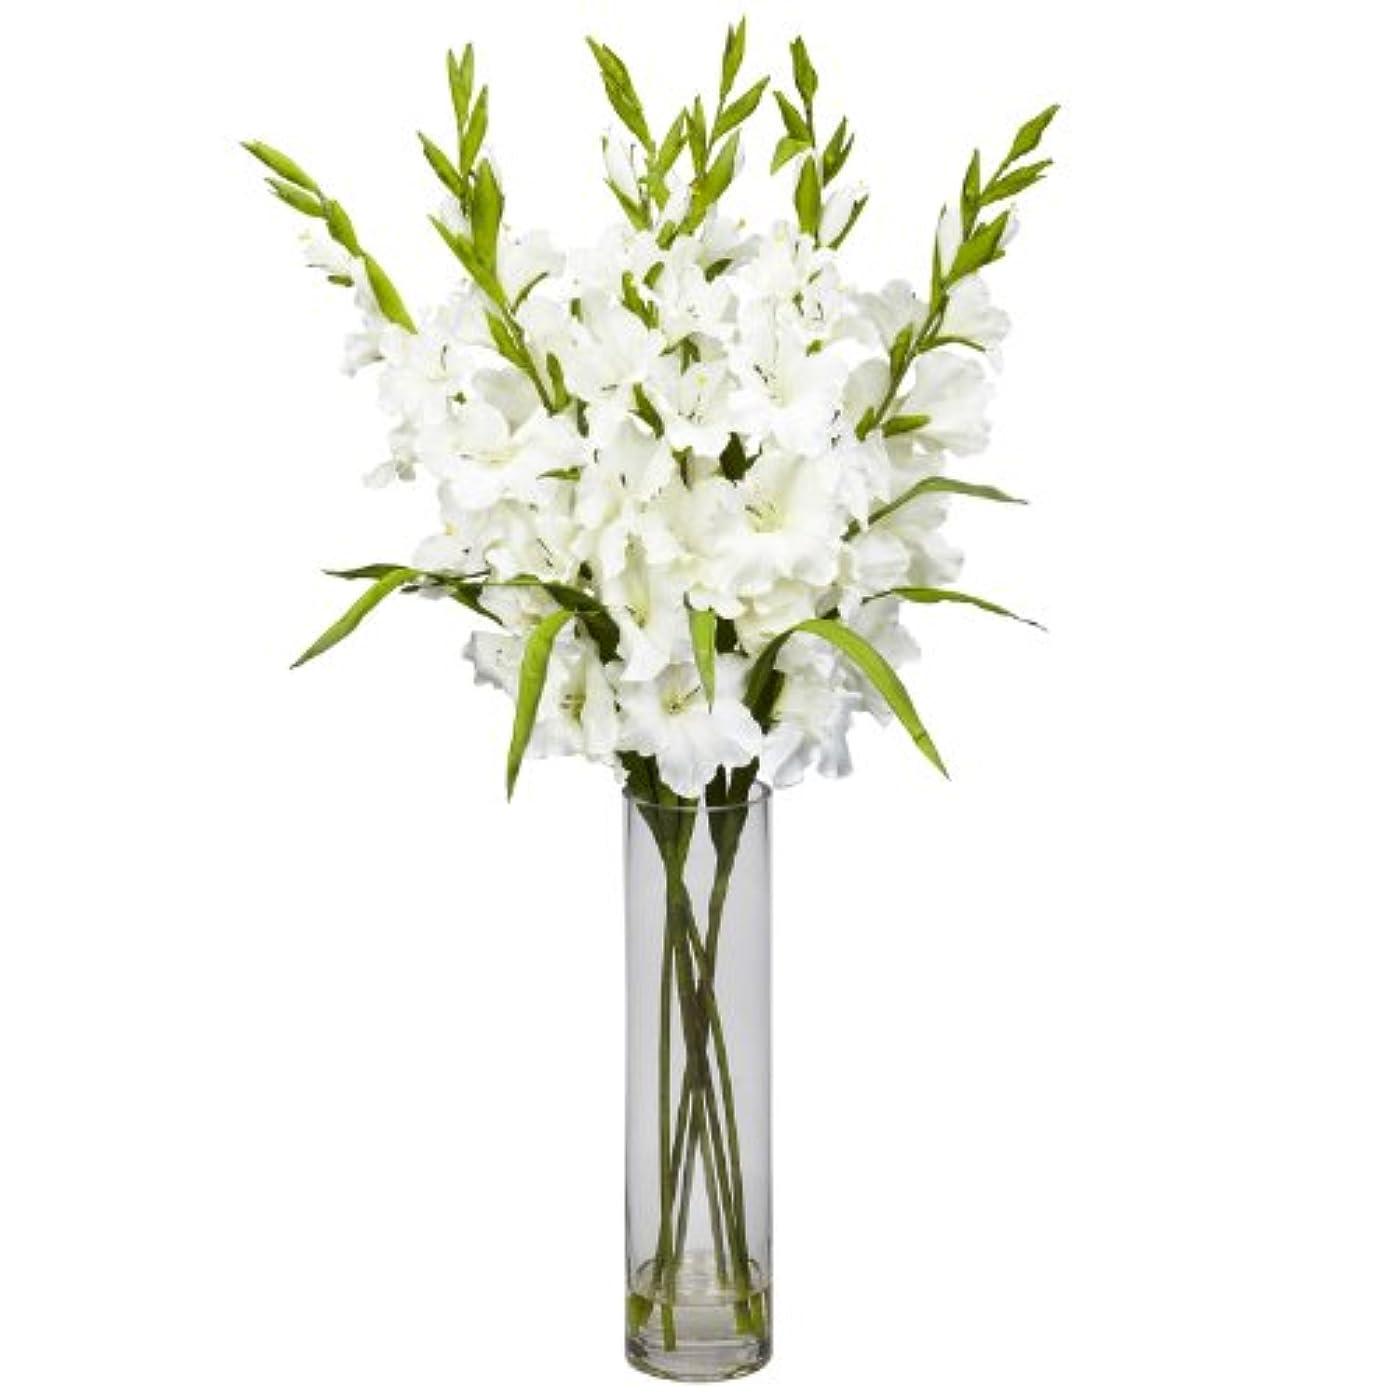 金銭的な感じ記憶に残る卸売大きなGladiola W /円柱花瓶シルクArrangement、[装飾、シルク花]